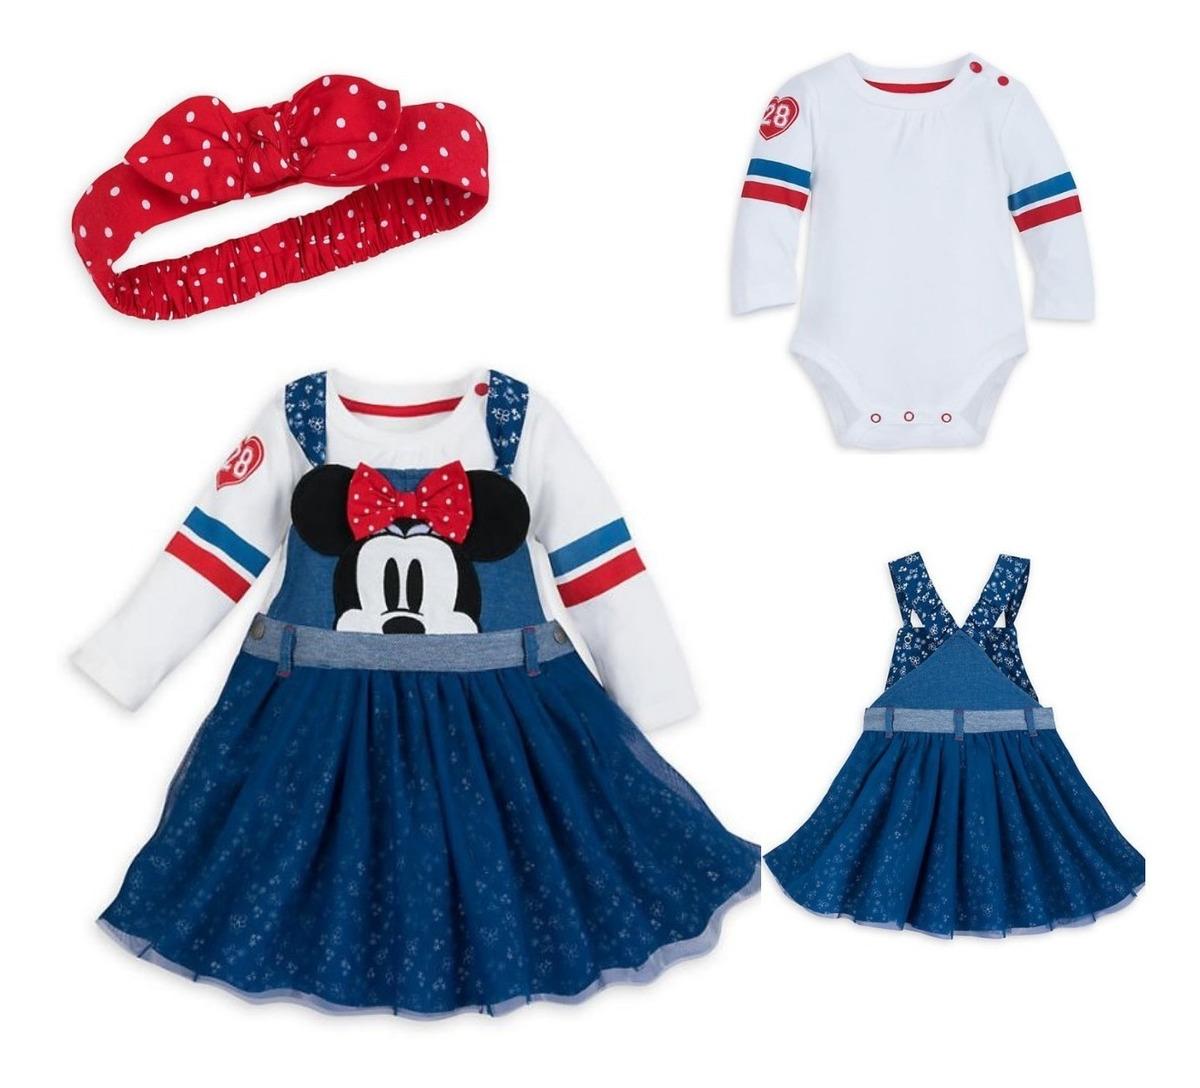 20554a1f48862 roupas de bebe menina vestido da minnie disney original. Carregando zoom.